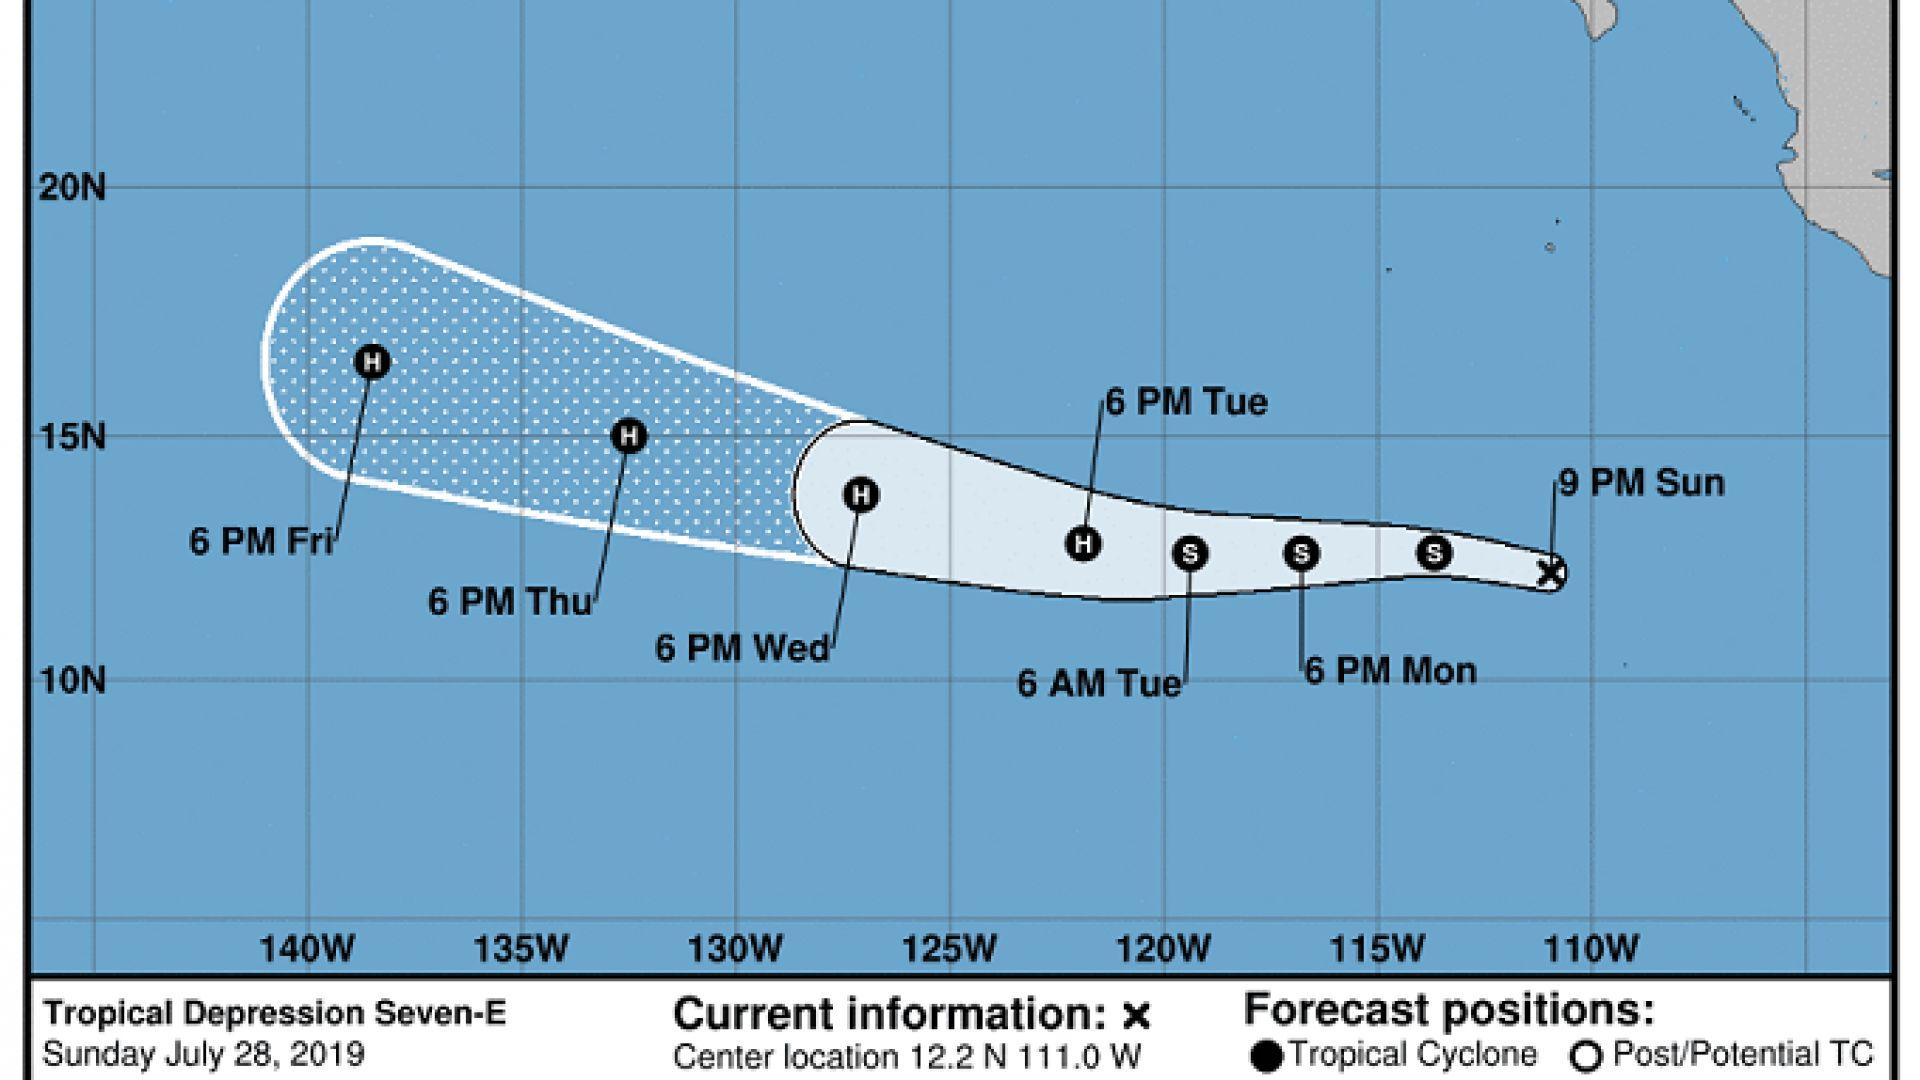 Флоси е още далеч на изток, но според актуалните прогнози Хаваите лежат точно на пътя на траекторията му